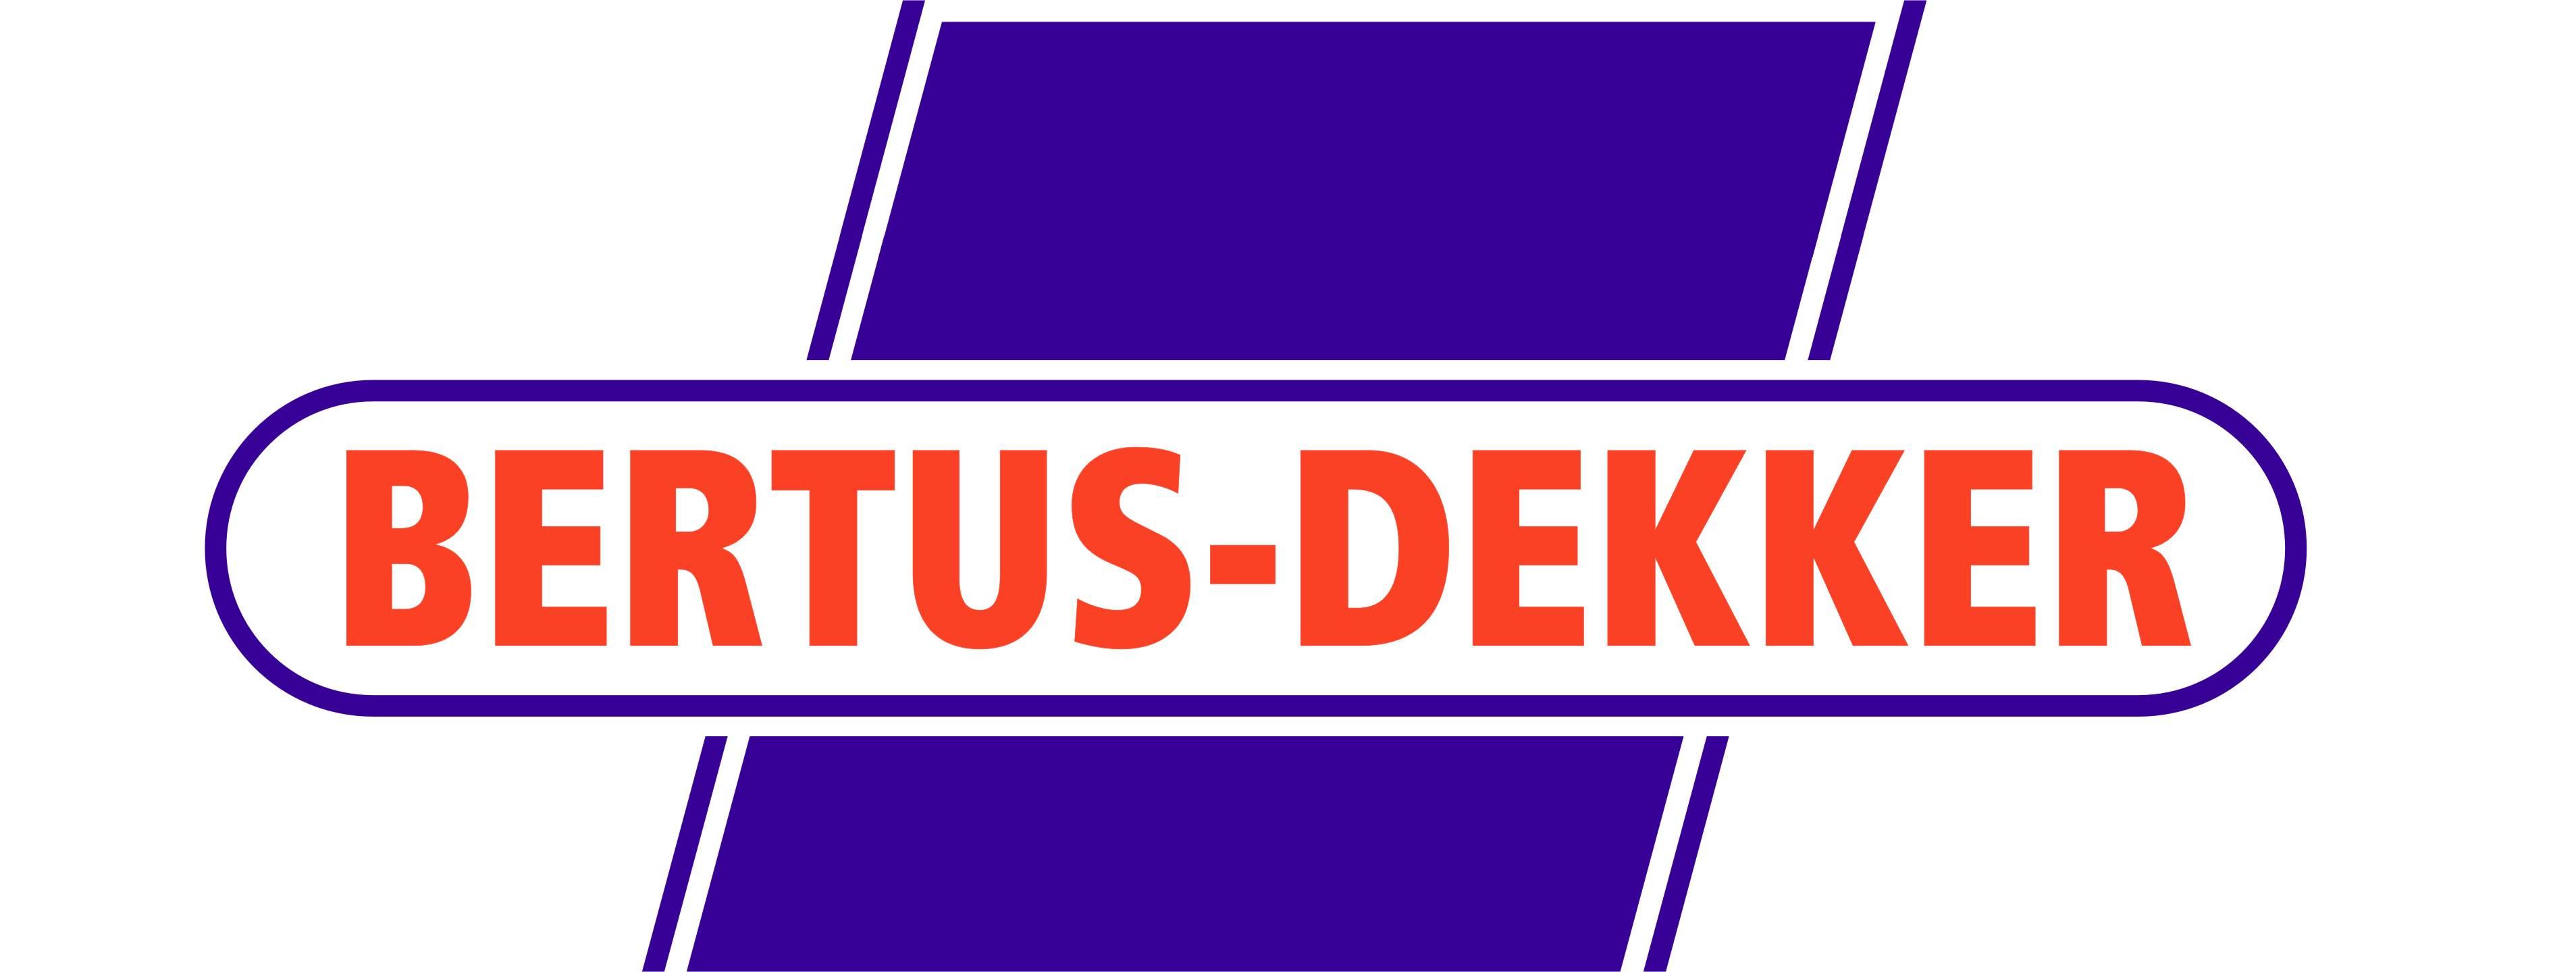 Bertus-Dekker Seafood B.V.